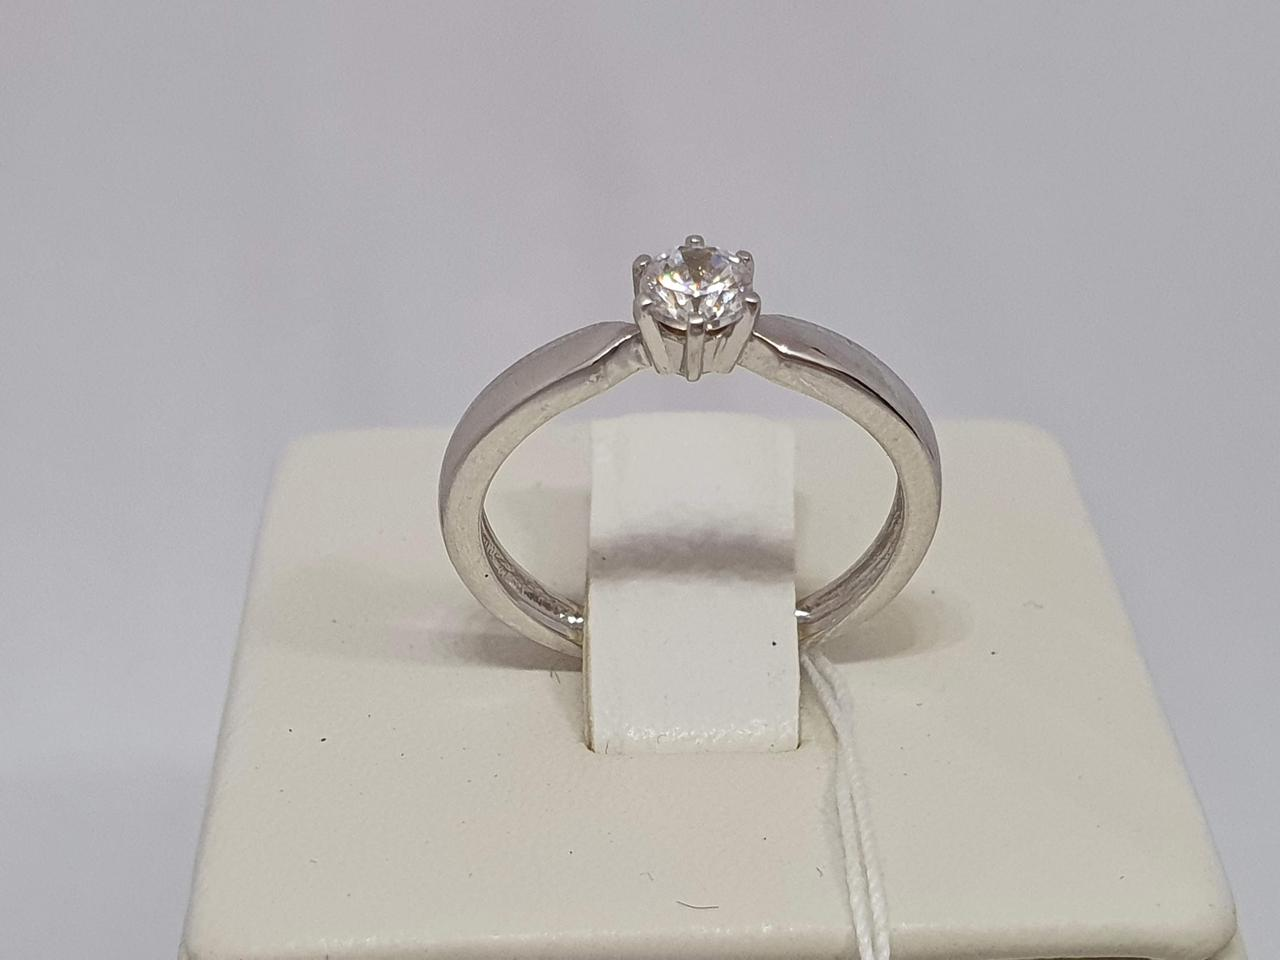 Золотое кольцо с фианитом. Артикул 3522122Б 16